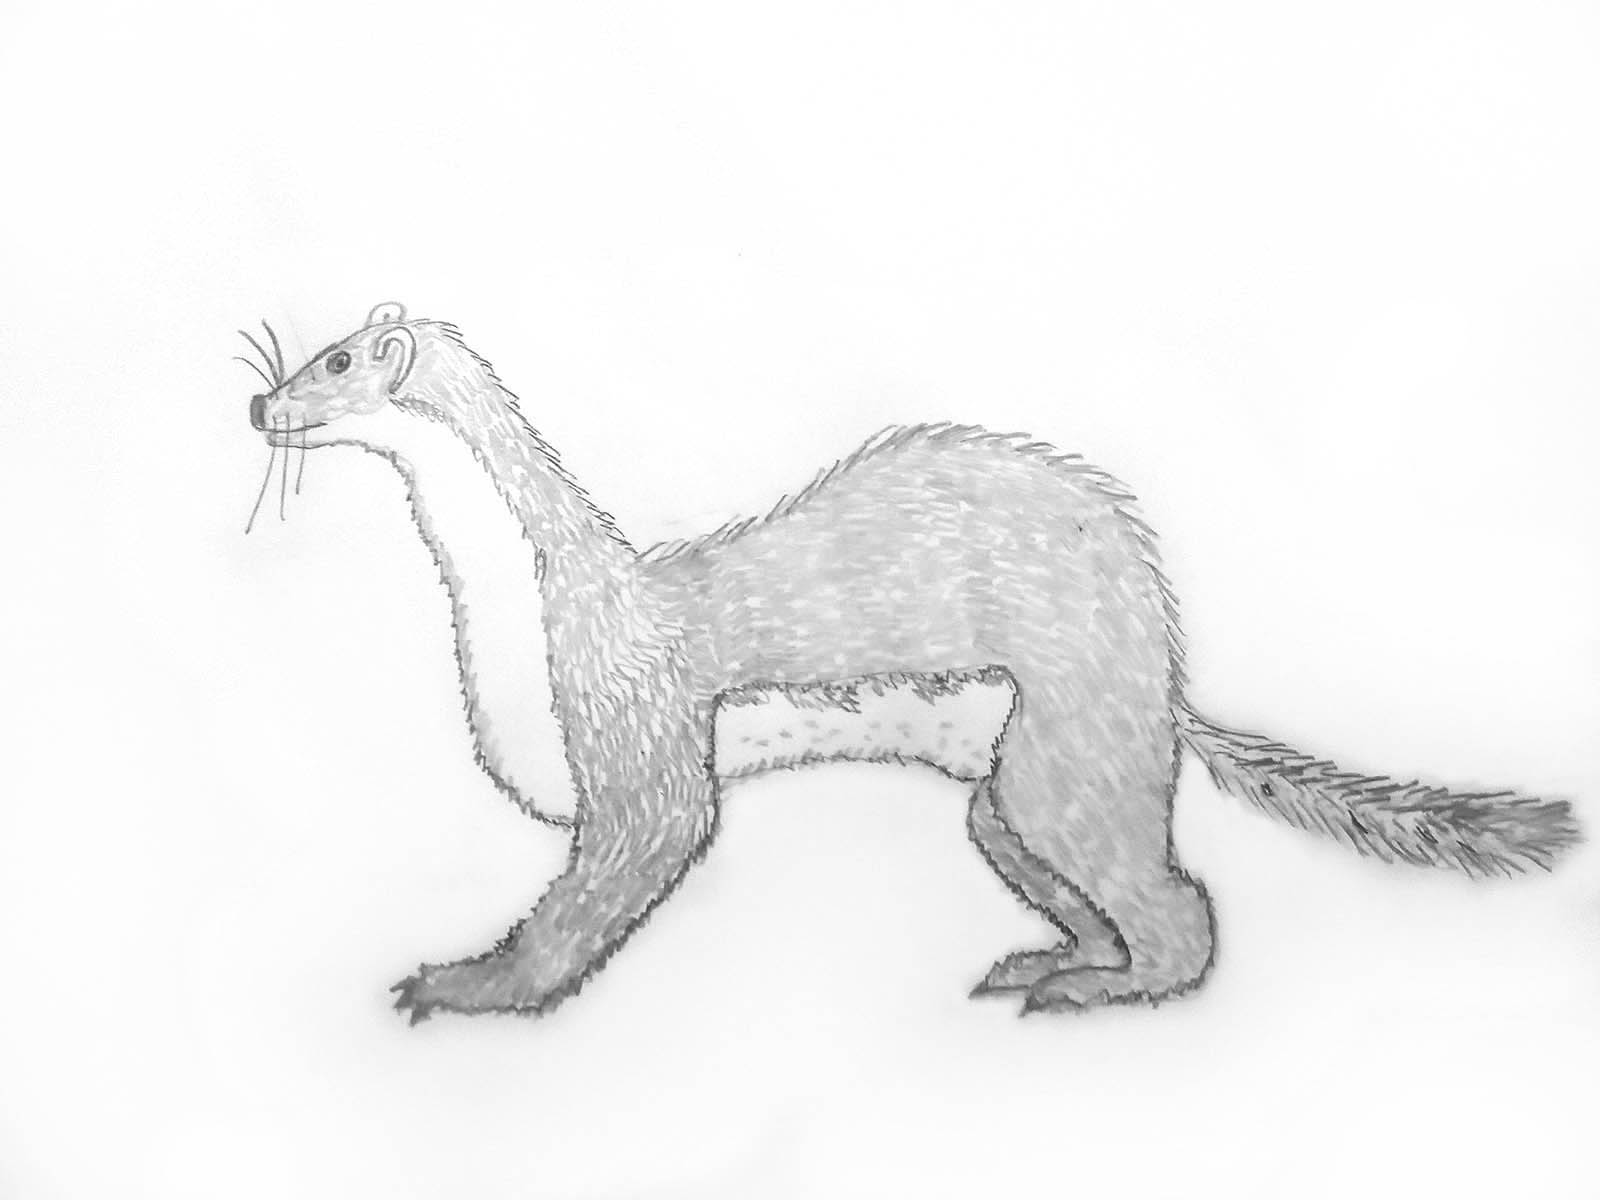 Harmaansävyinen lyijykynäpiirros pörröisestä valppaana seisovasta kärpästä tai näädästä. Sen vatsa on vaalea ja tumma selkä kaarella.